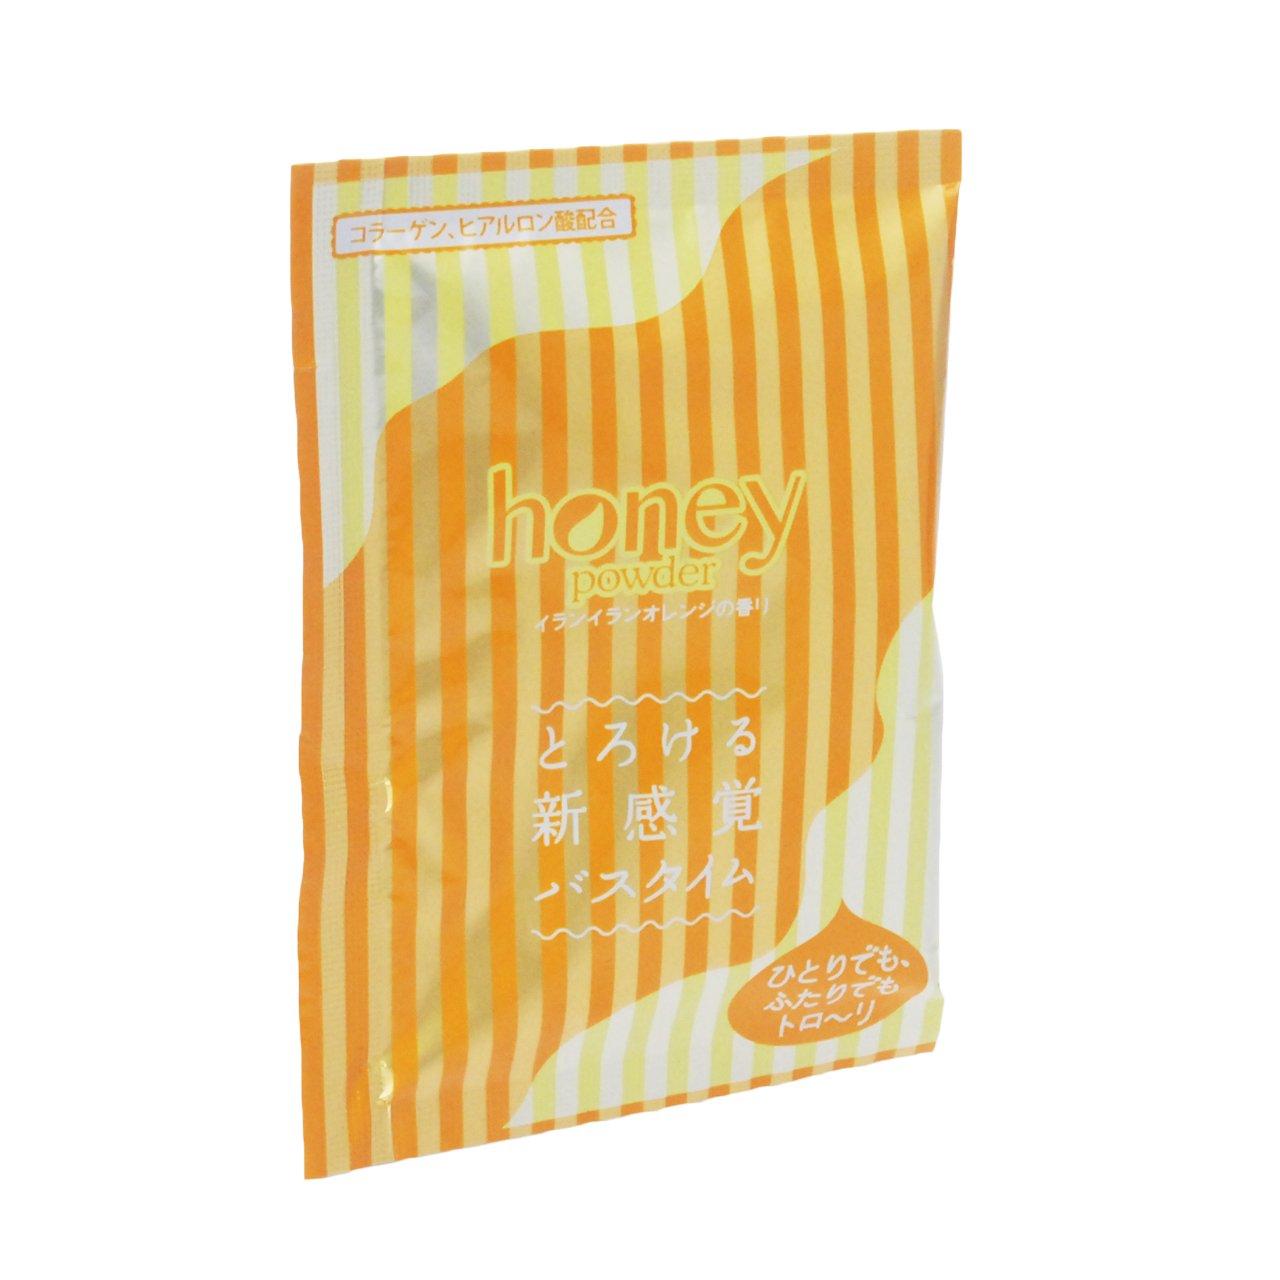 とろとろ入浴剤【honey powder】(ハニーパウダー) 2個セット イランイランオレンジの香り 粉末タイプ